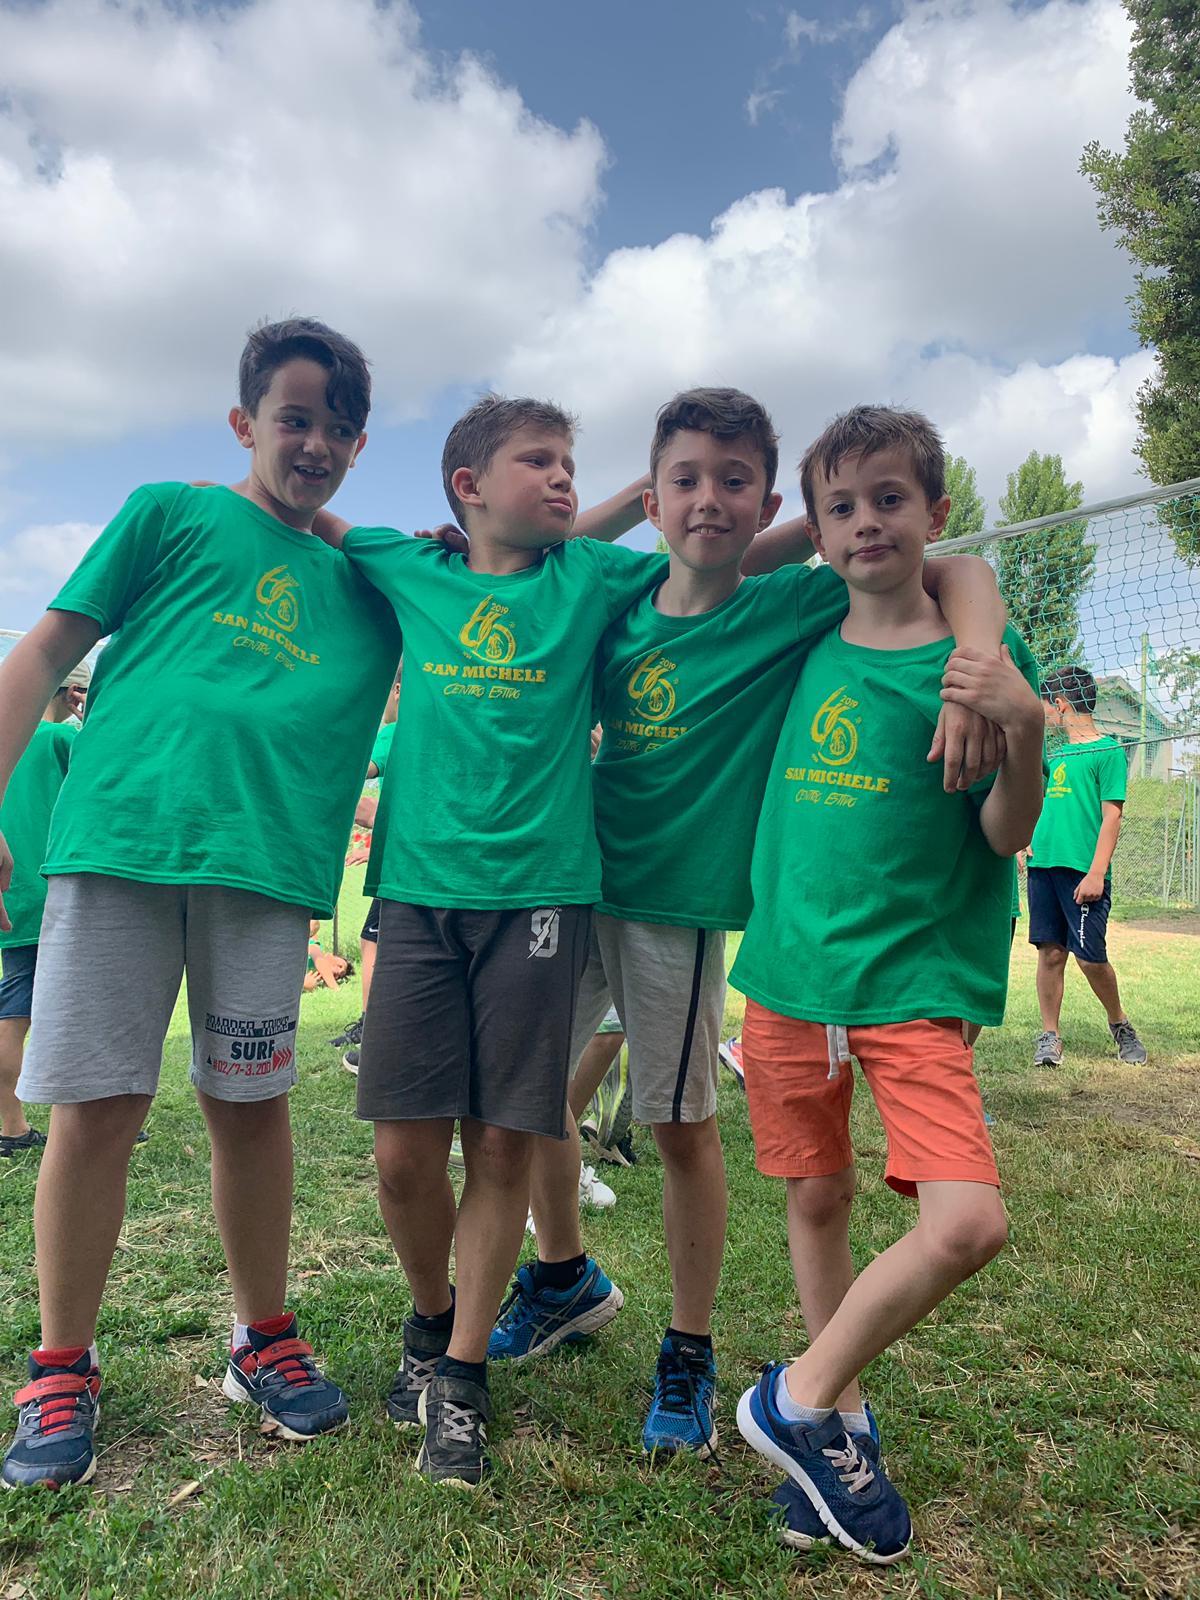 Prima settimana del Centro Estivo 2019 alla Comunità San Michele, ecco le foto!